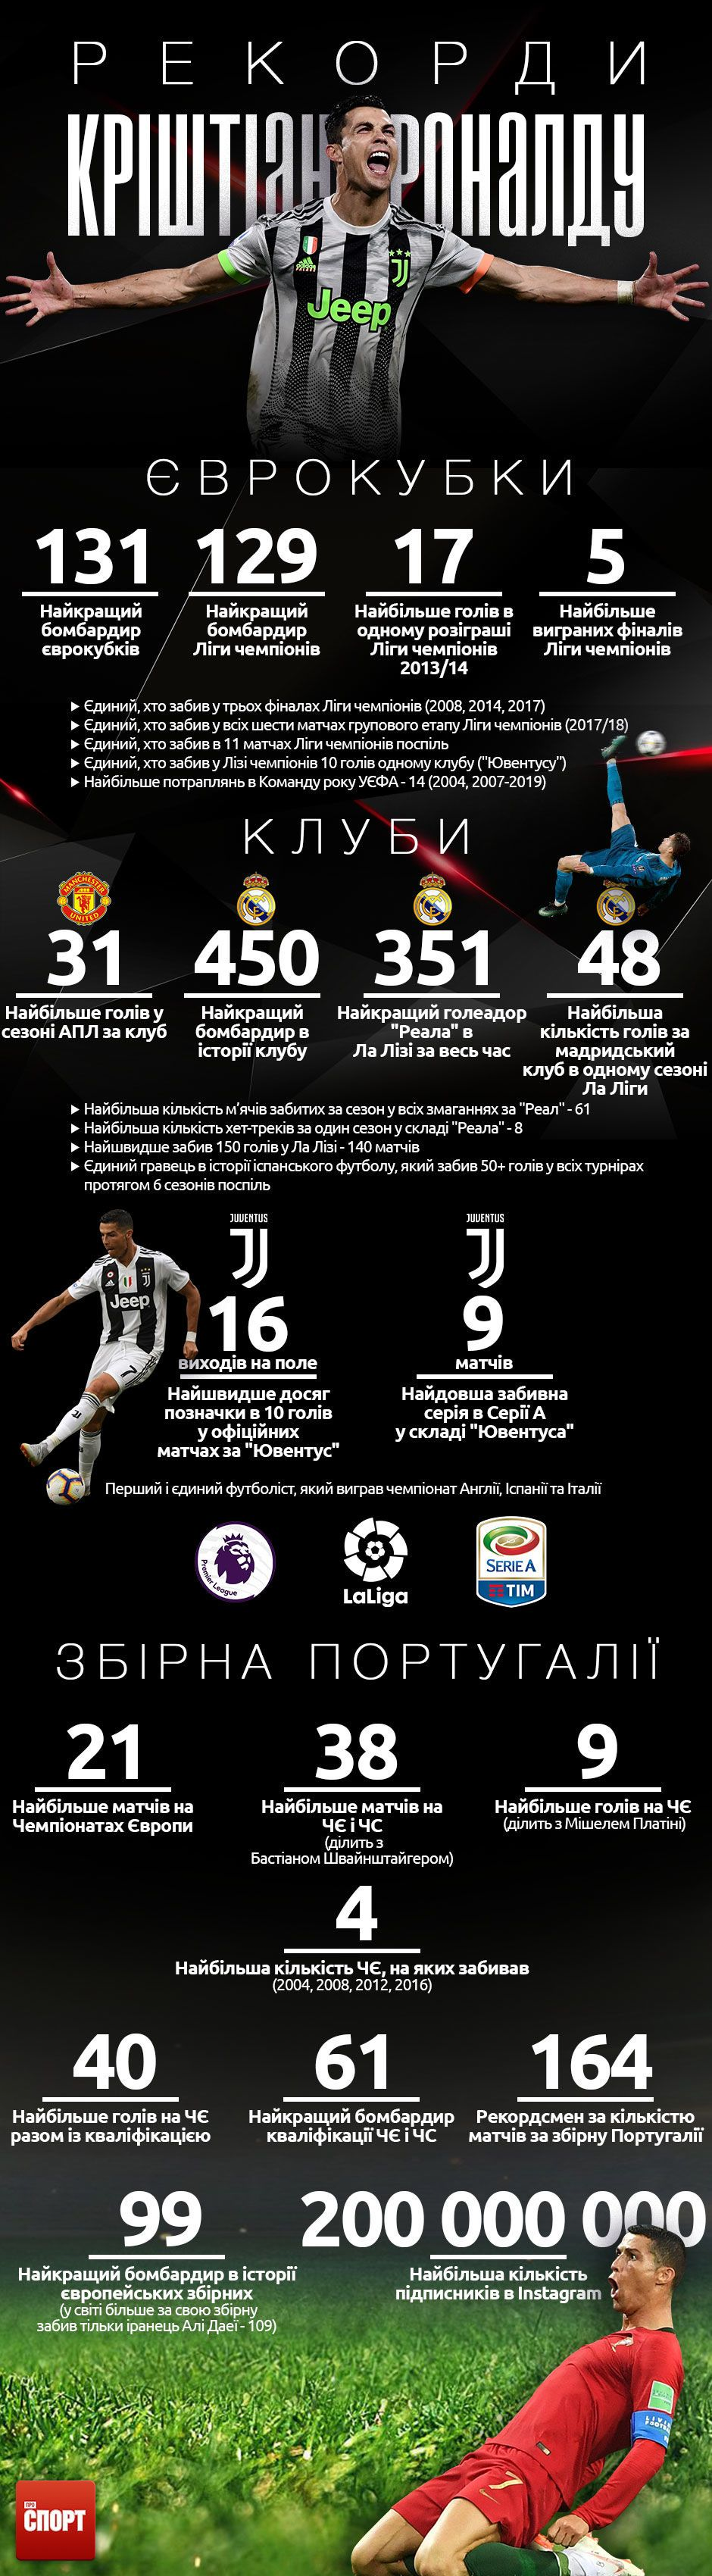 рекорди роналду інфографіка